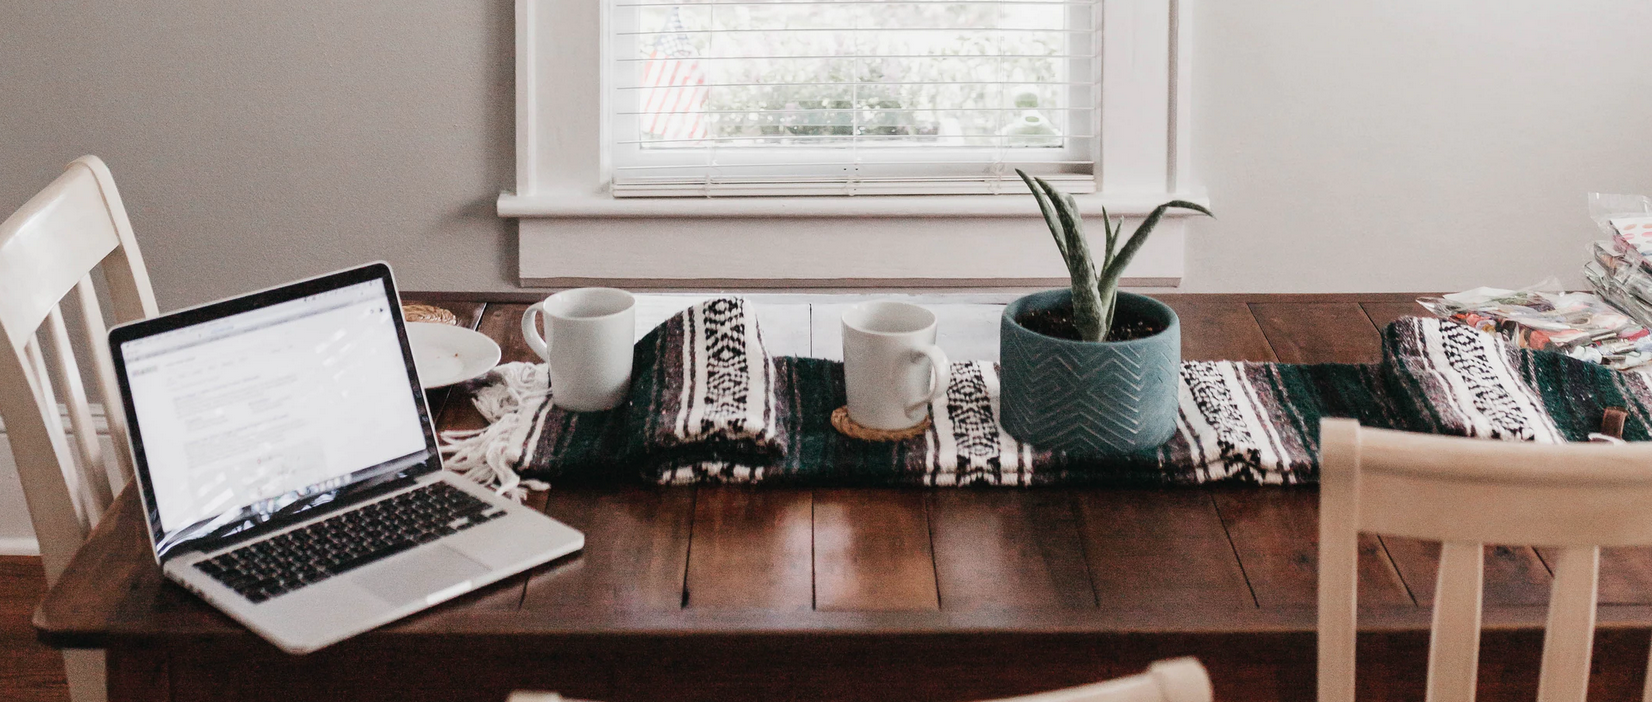 Técnicas de teletrabajo: cómo hacer de tu casa tu oficina